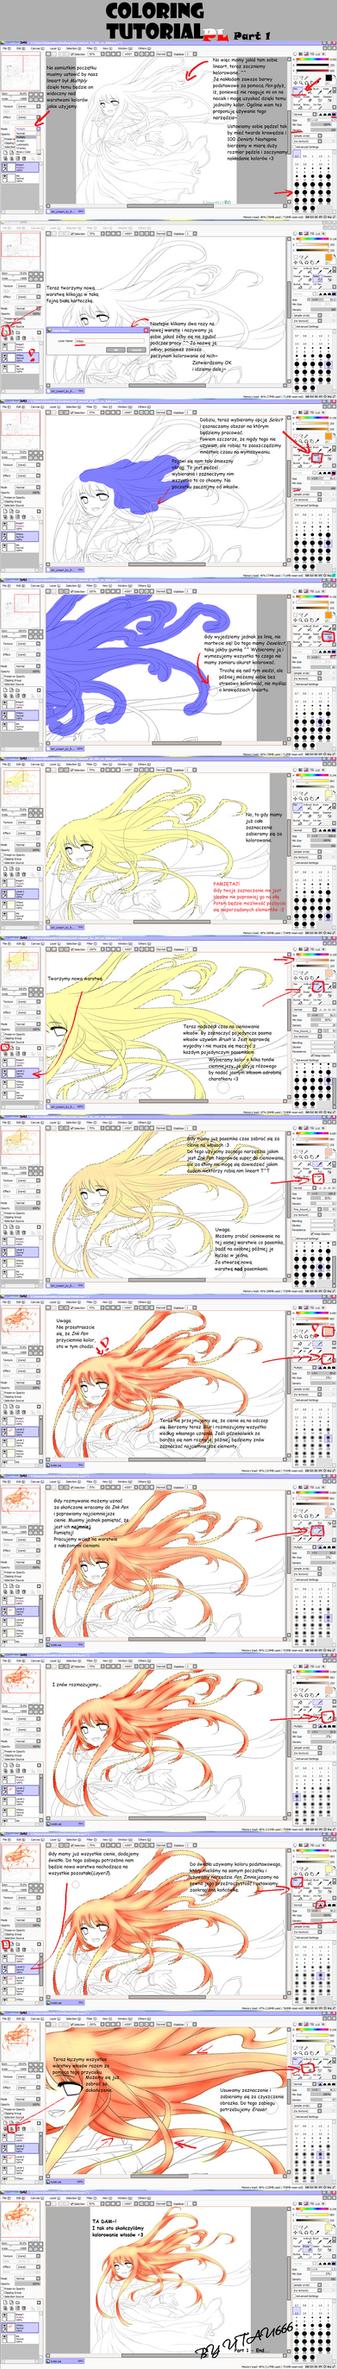 Coloring Tutorial PL - part 1 by Utau666